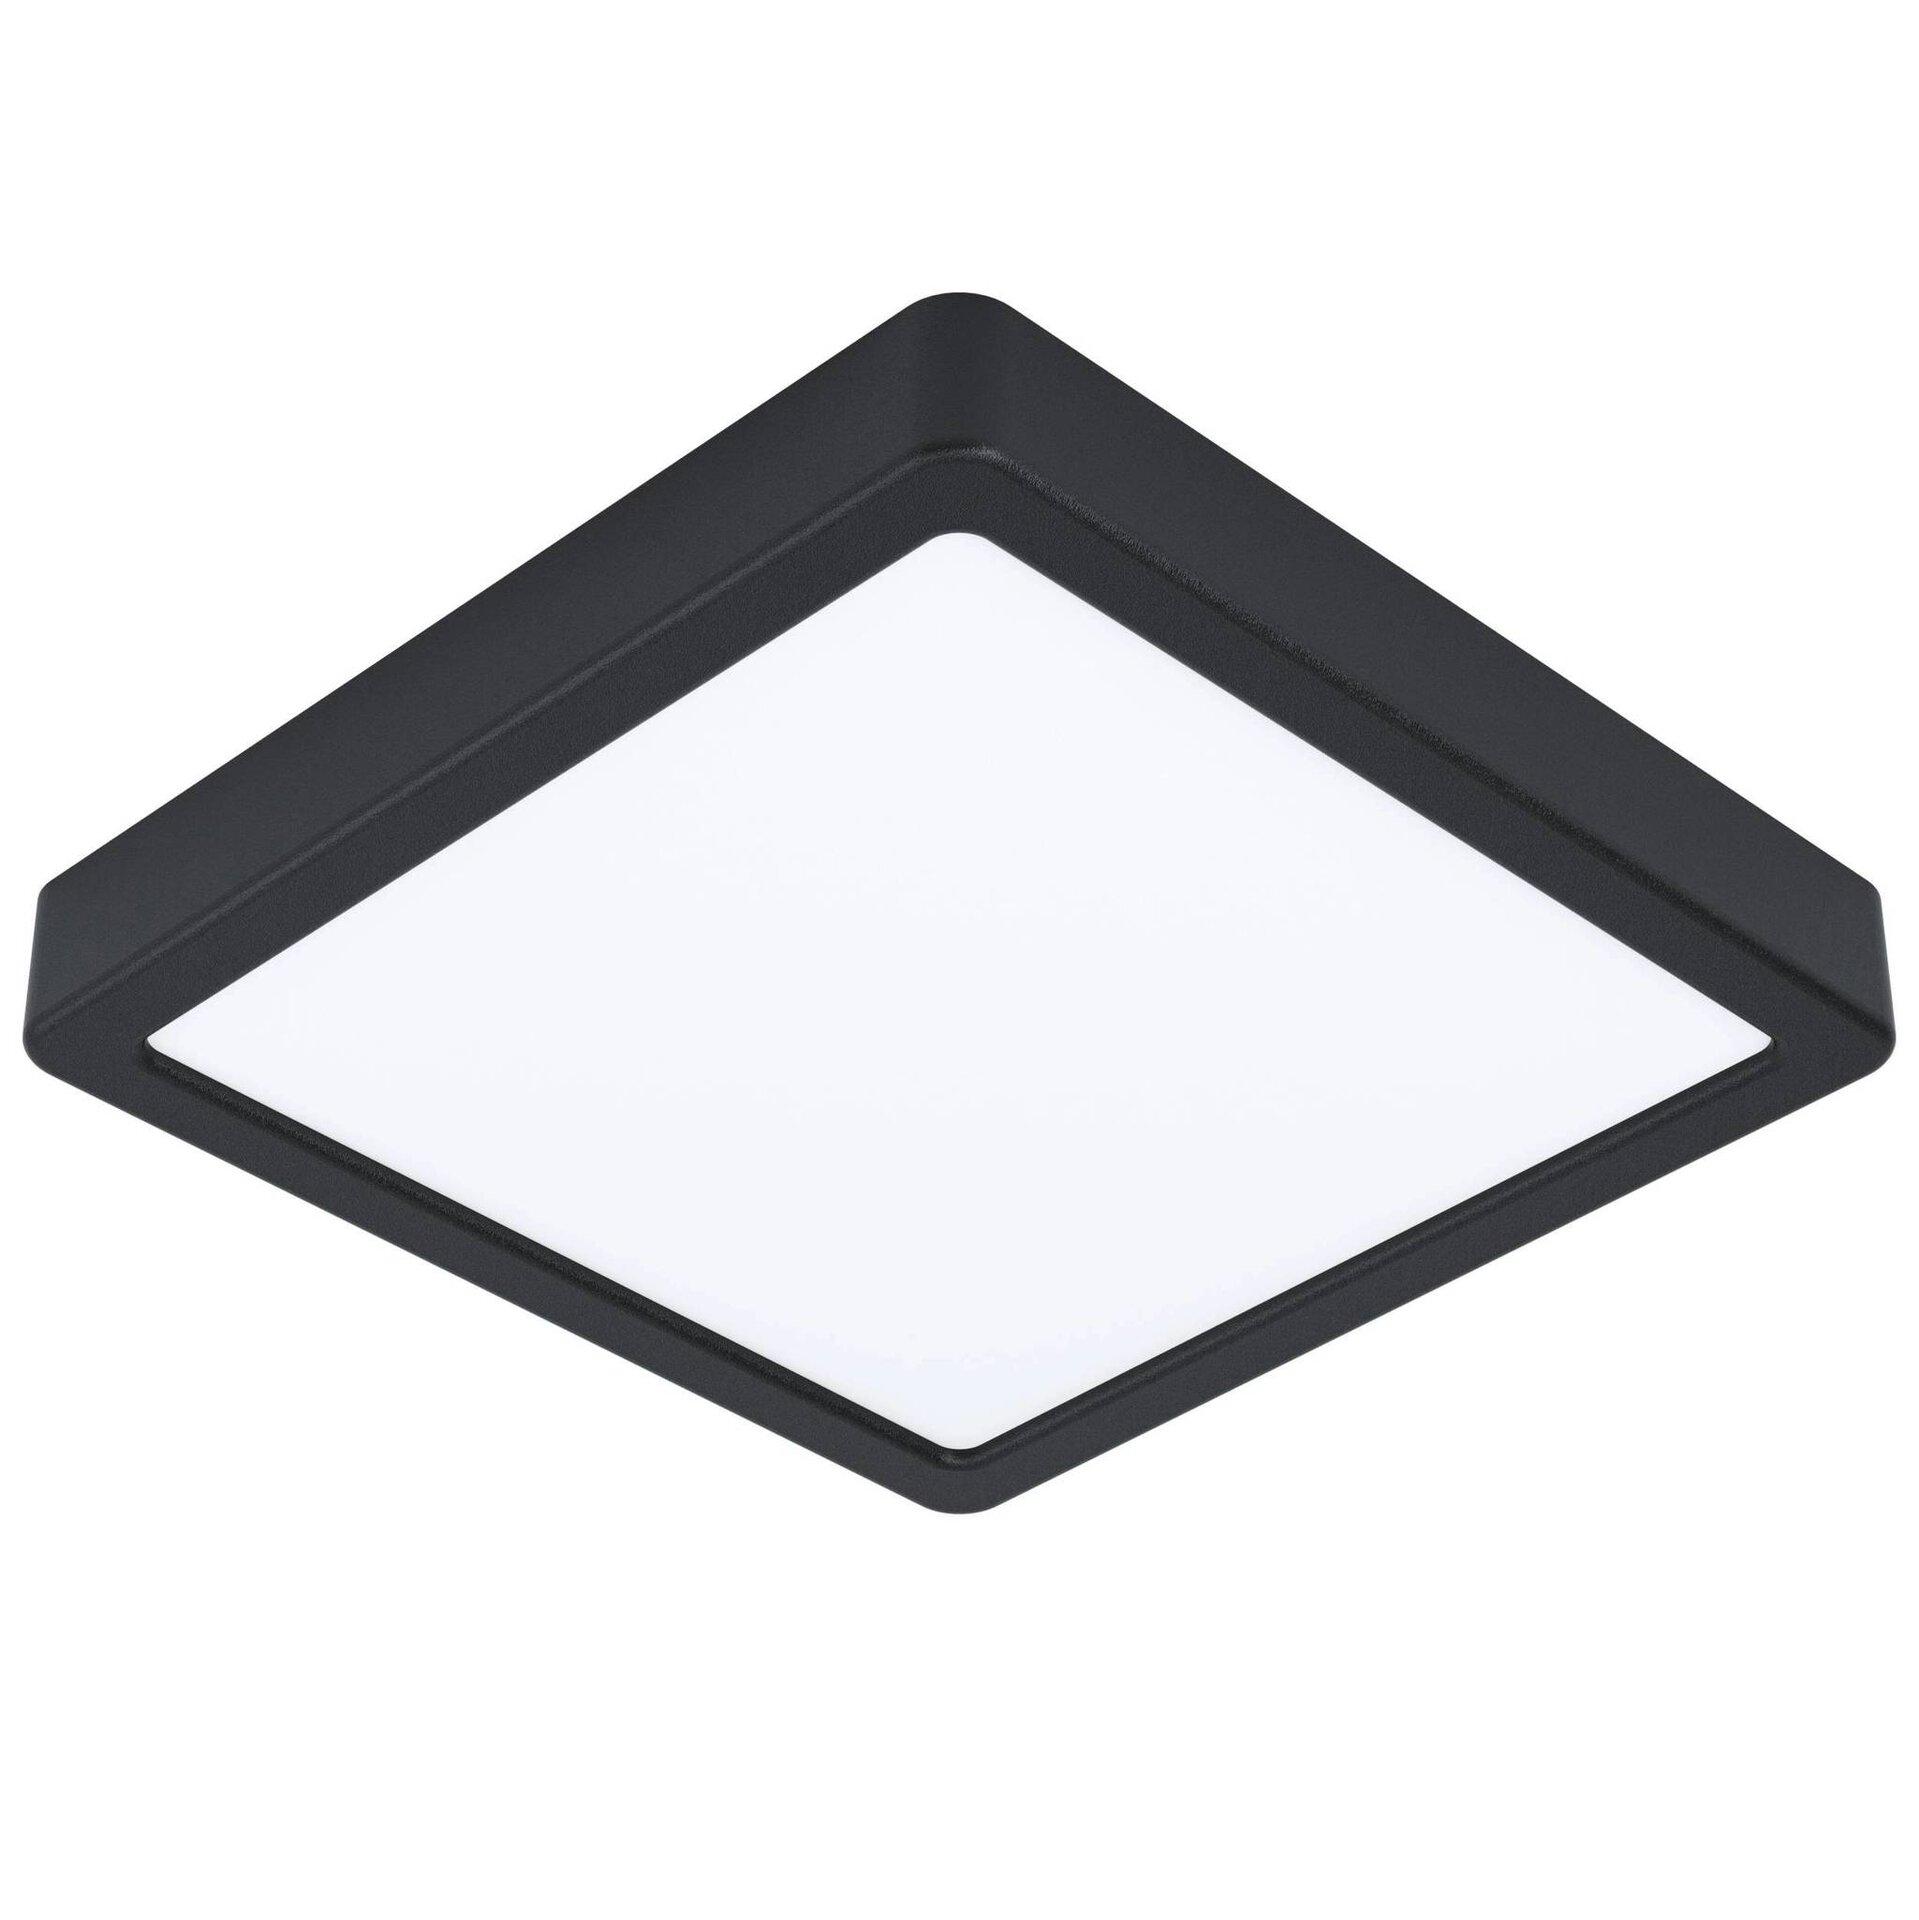 Deckenleuchte FUEVA 5 Eglo Metall schwarz 21 x 3 x 21 cm